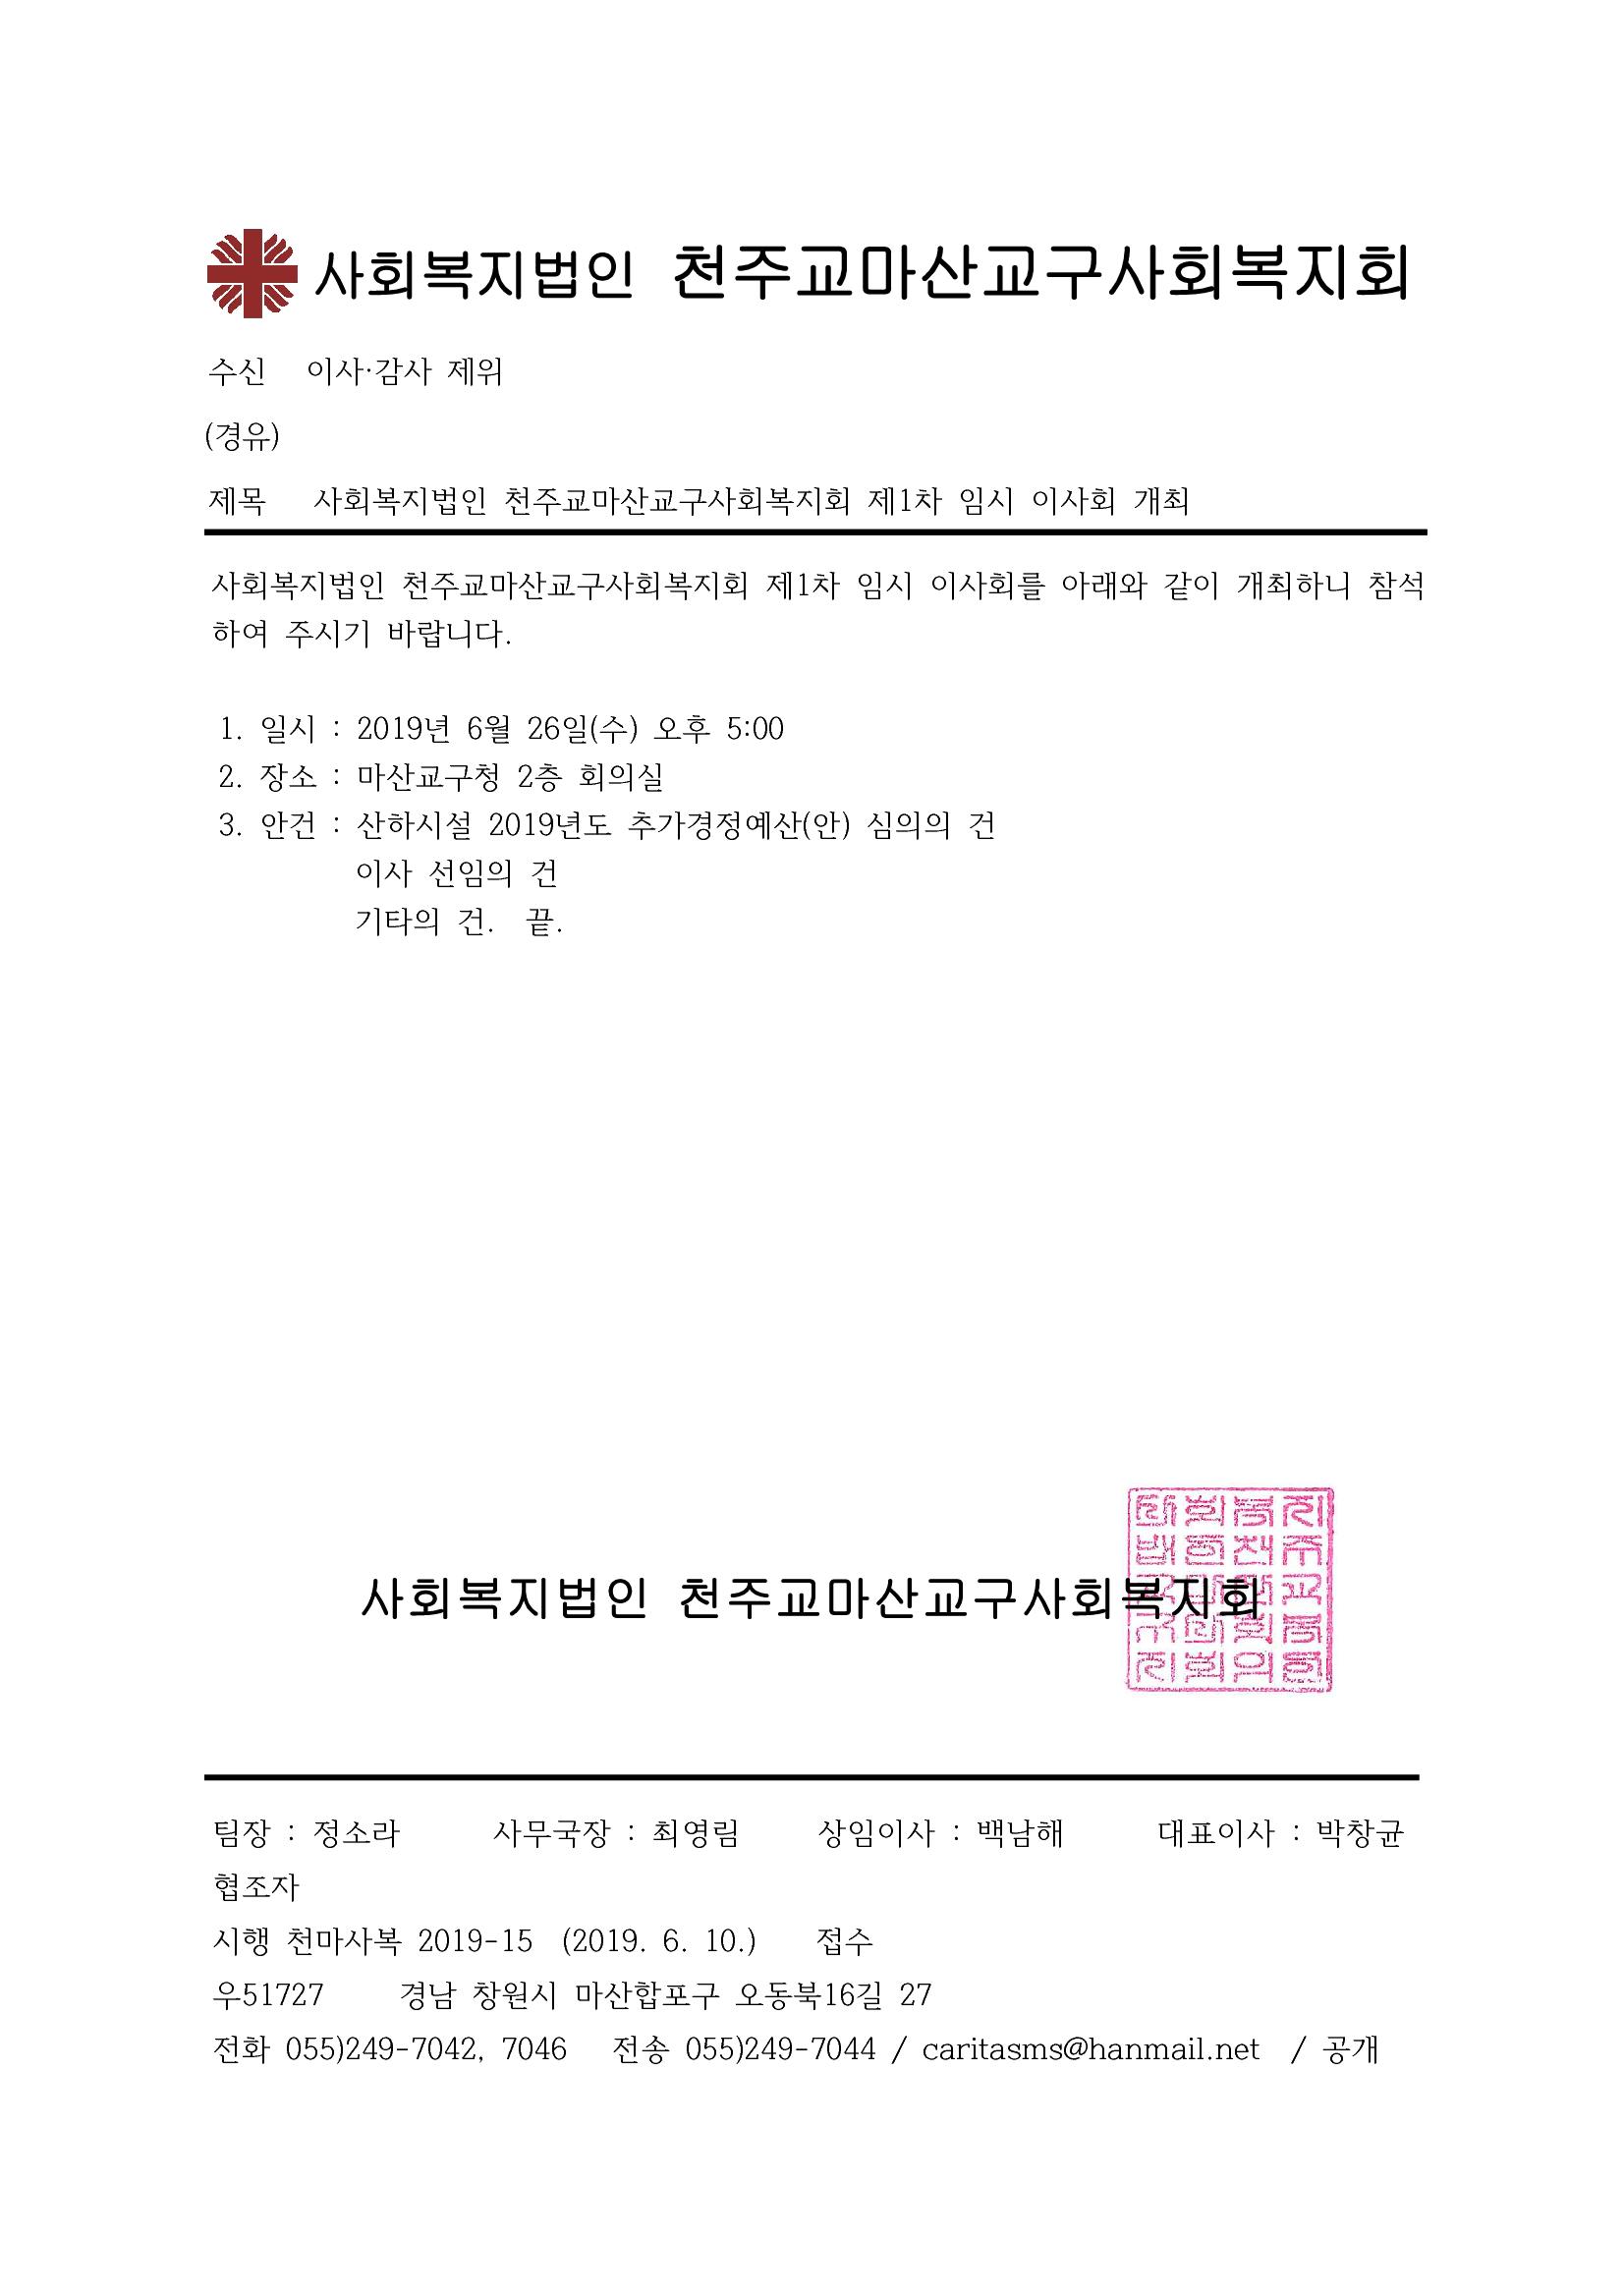 2019.06.10. 천마사복2019-15(이사회 개최)_1.png